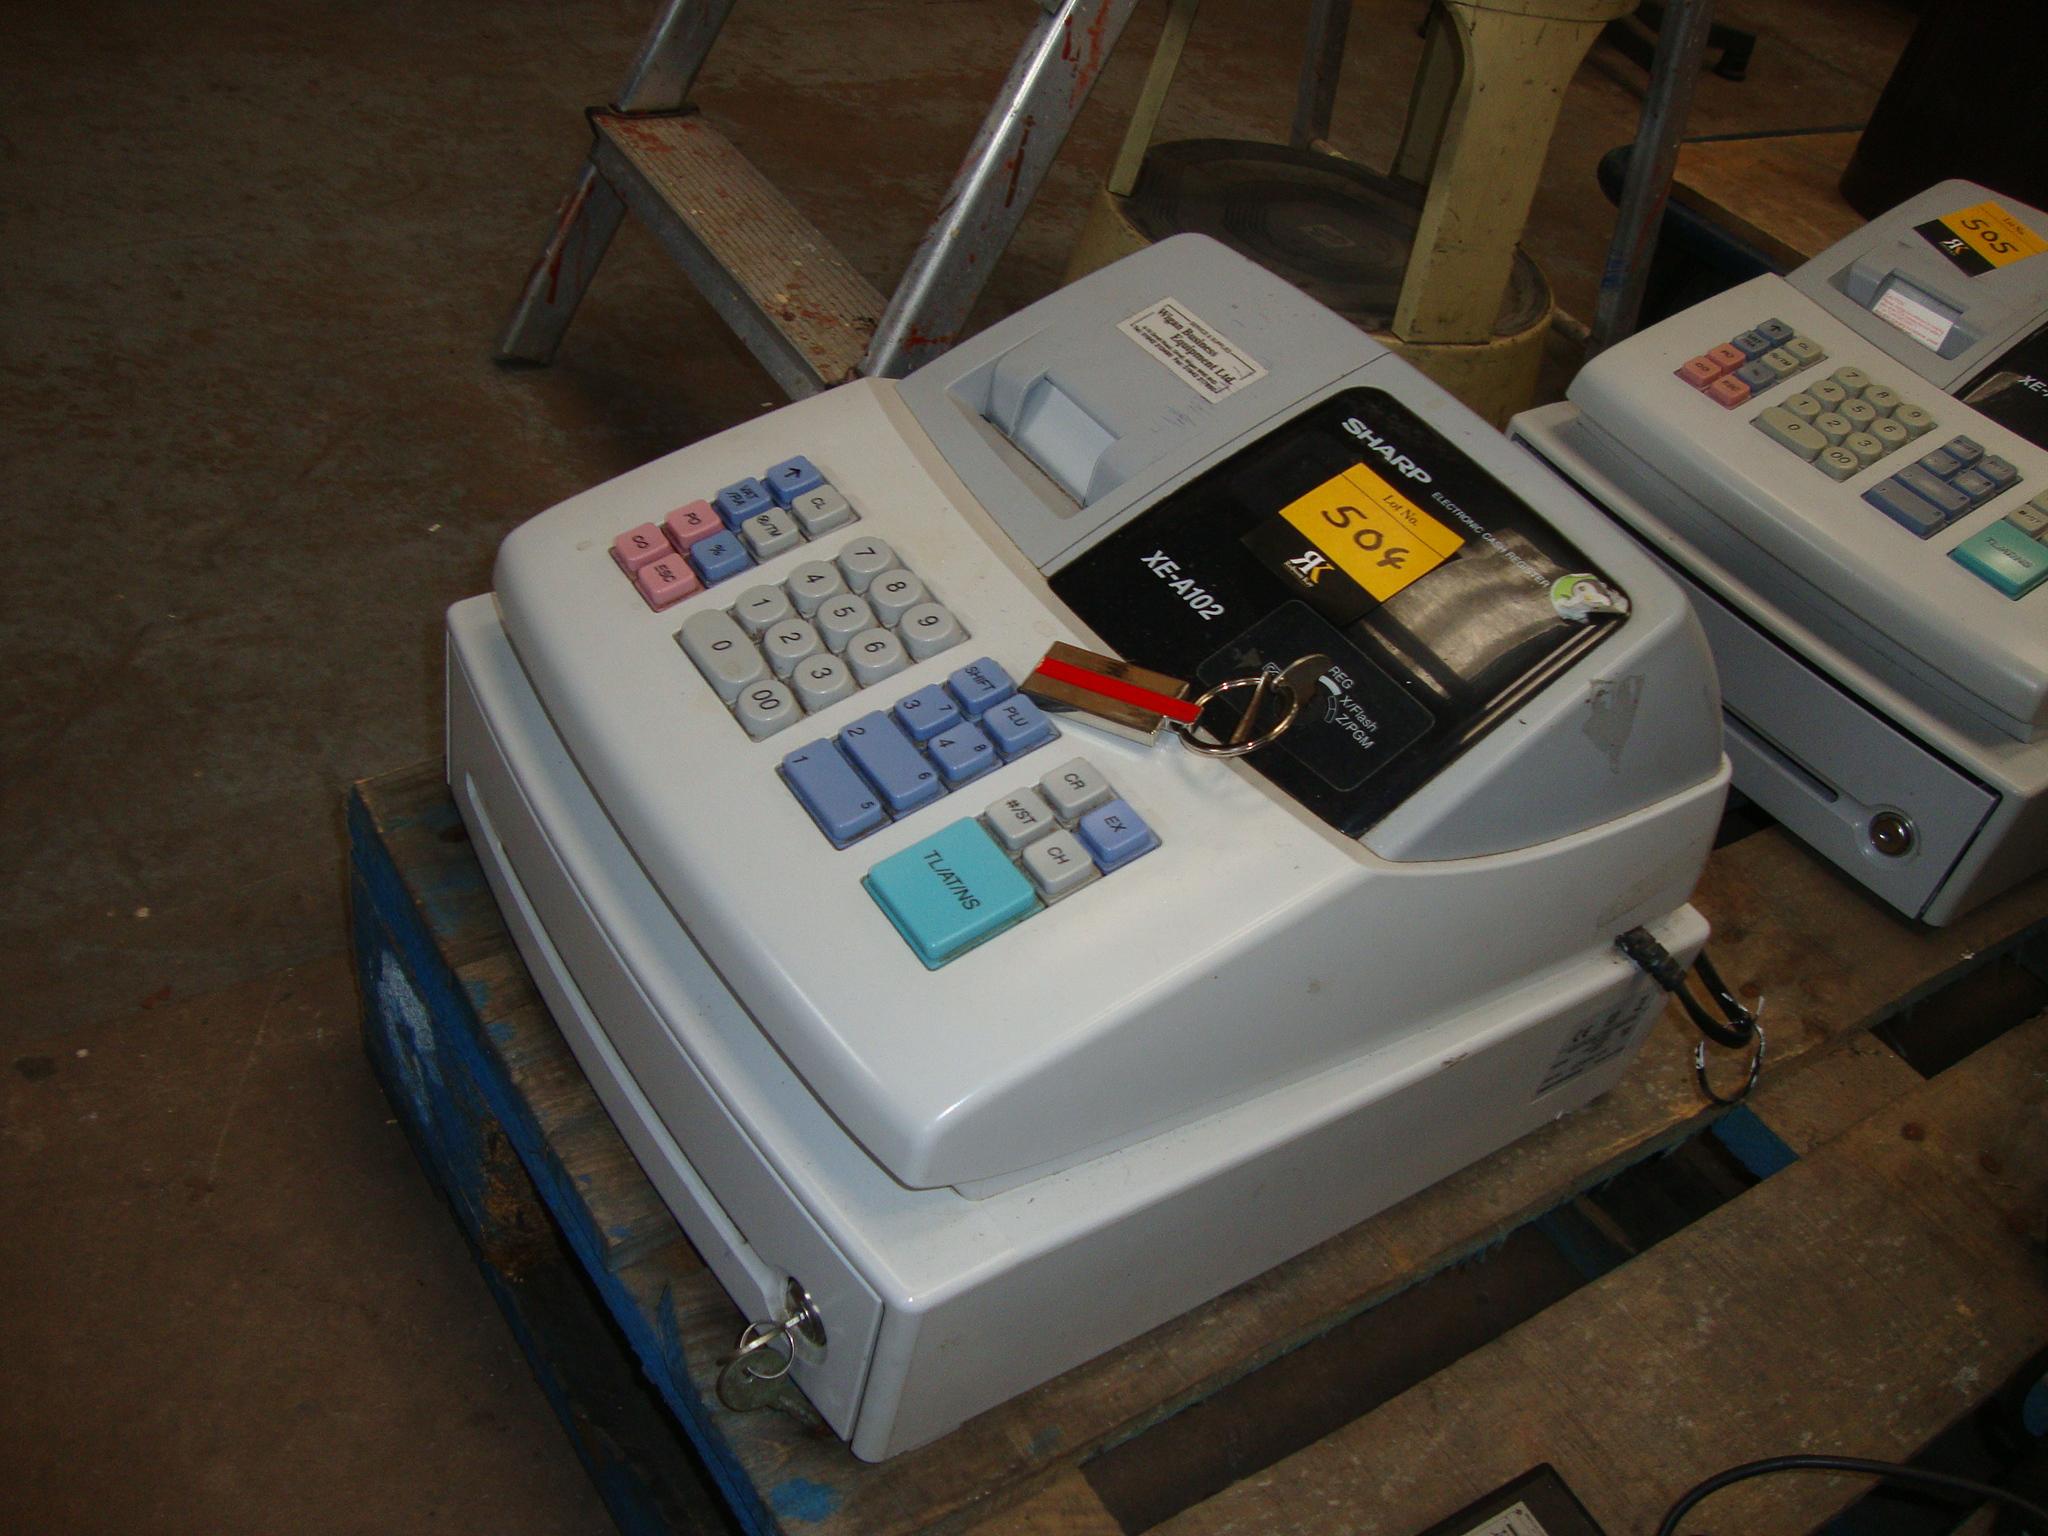 pin sharp xe a102 cash register on pinterest Sharp XE-A102 Cash Register Sharp XE-A102 Cash Register